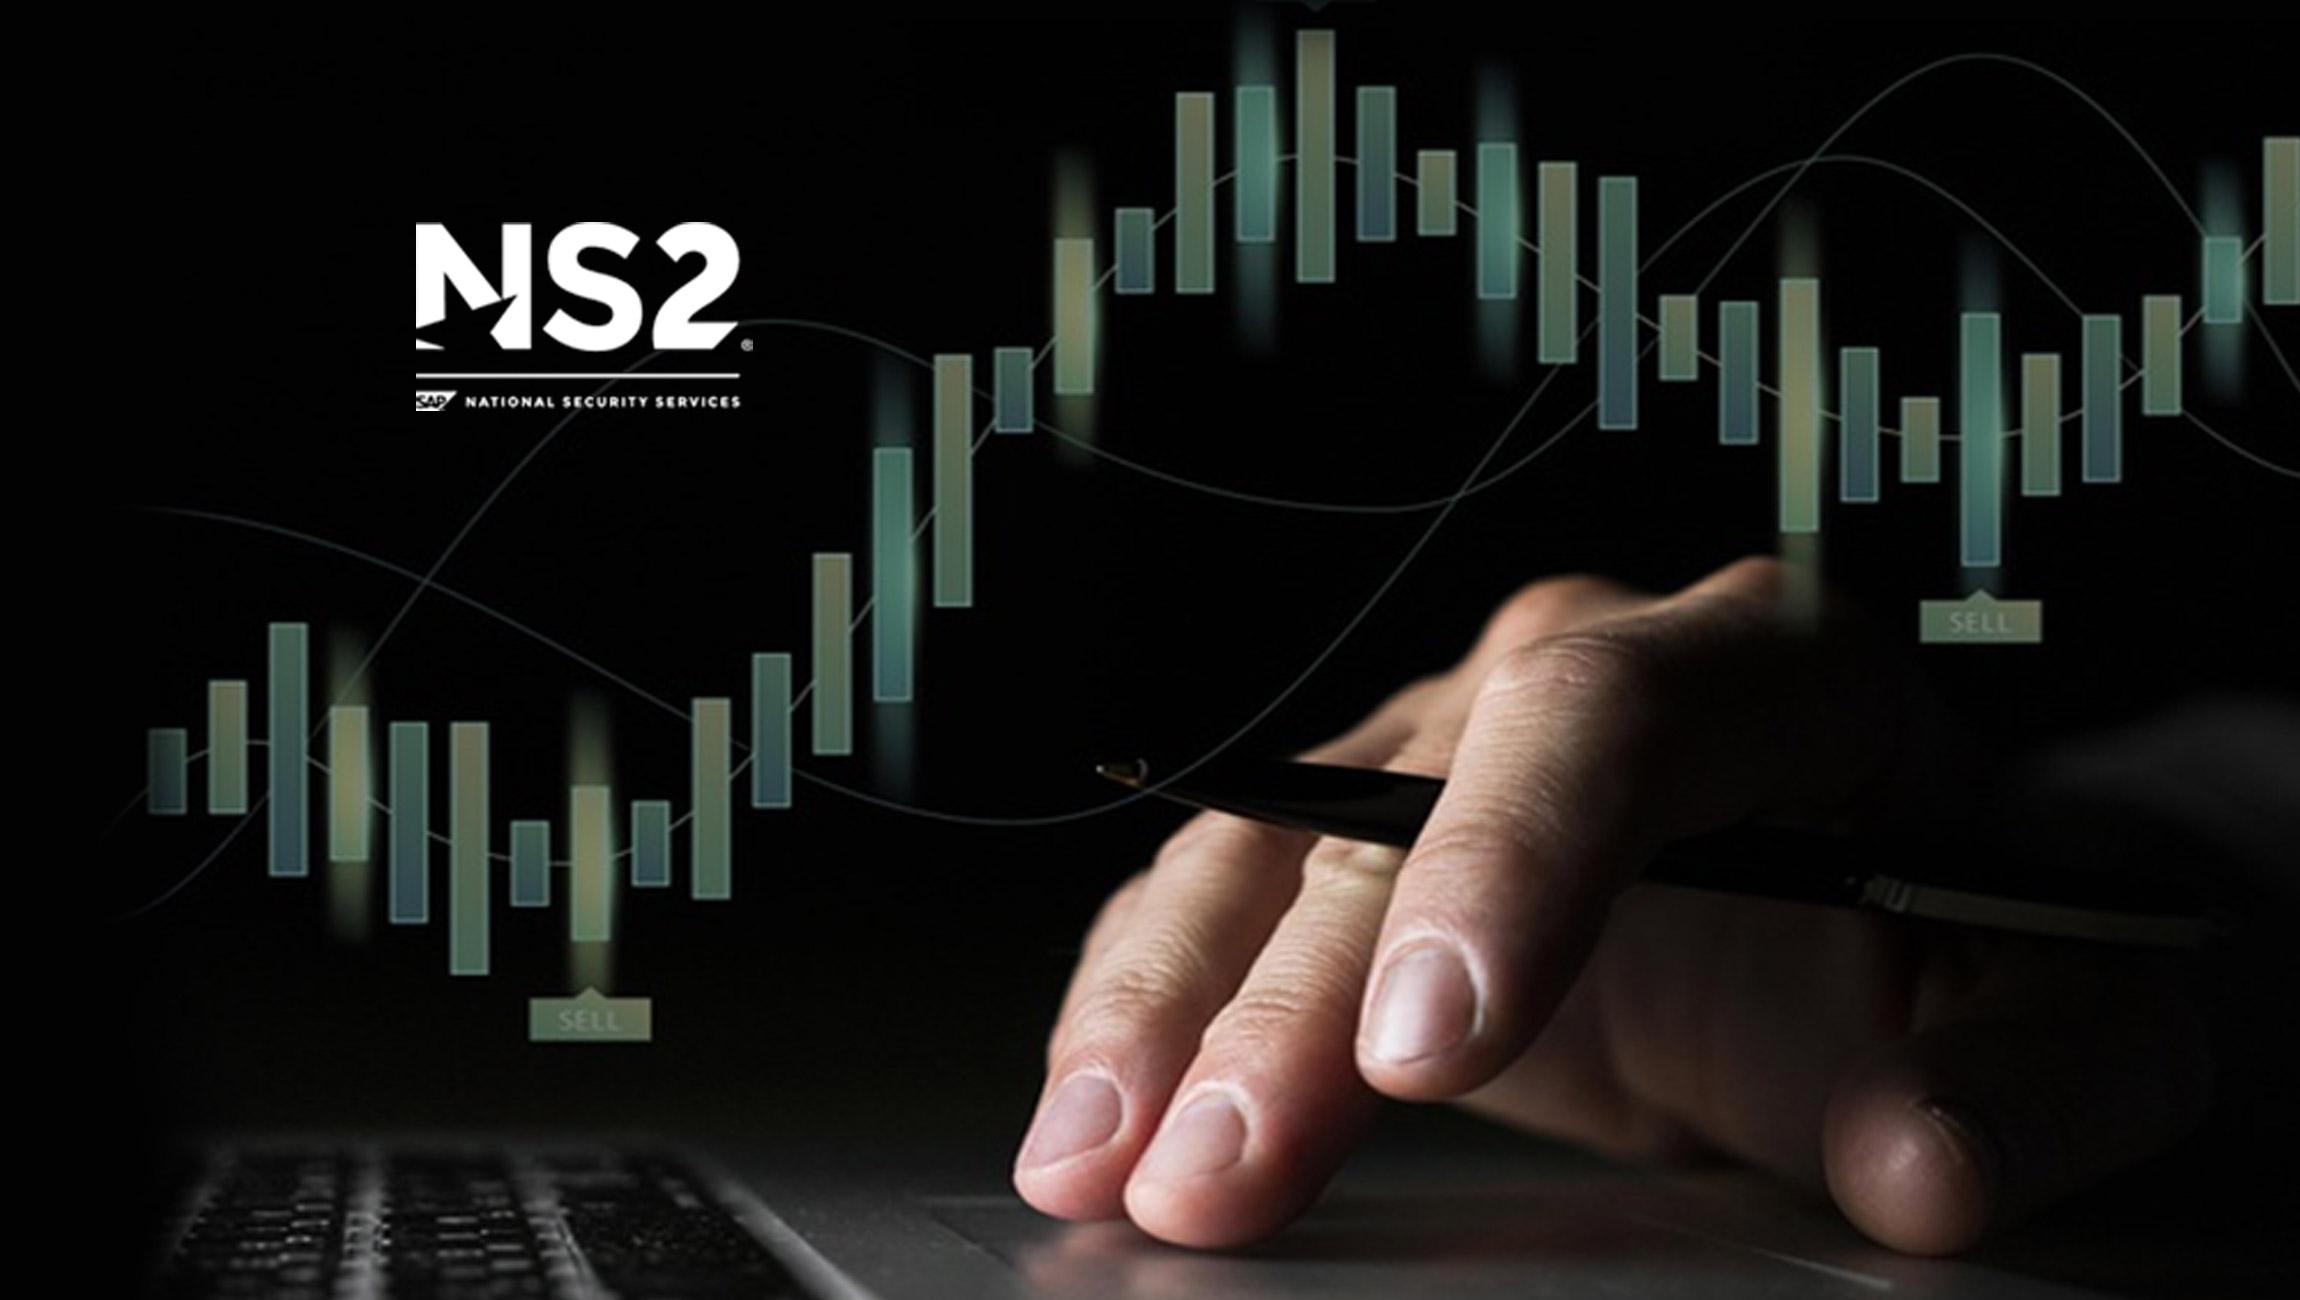 SAP NS2® Announces NS2 Marketplace